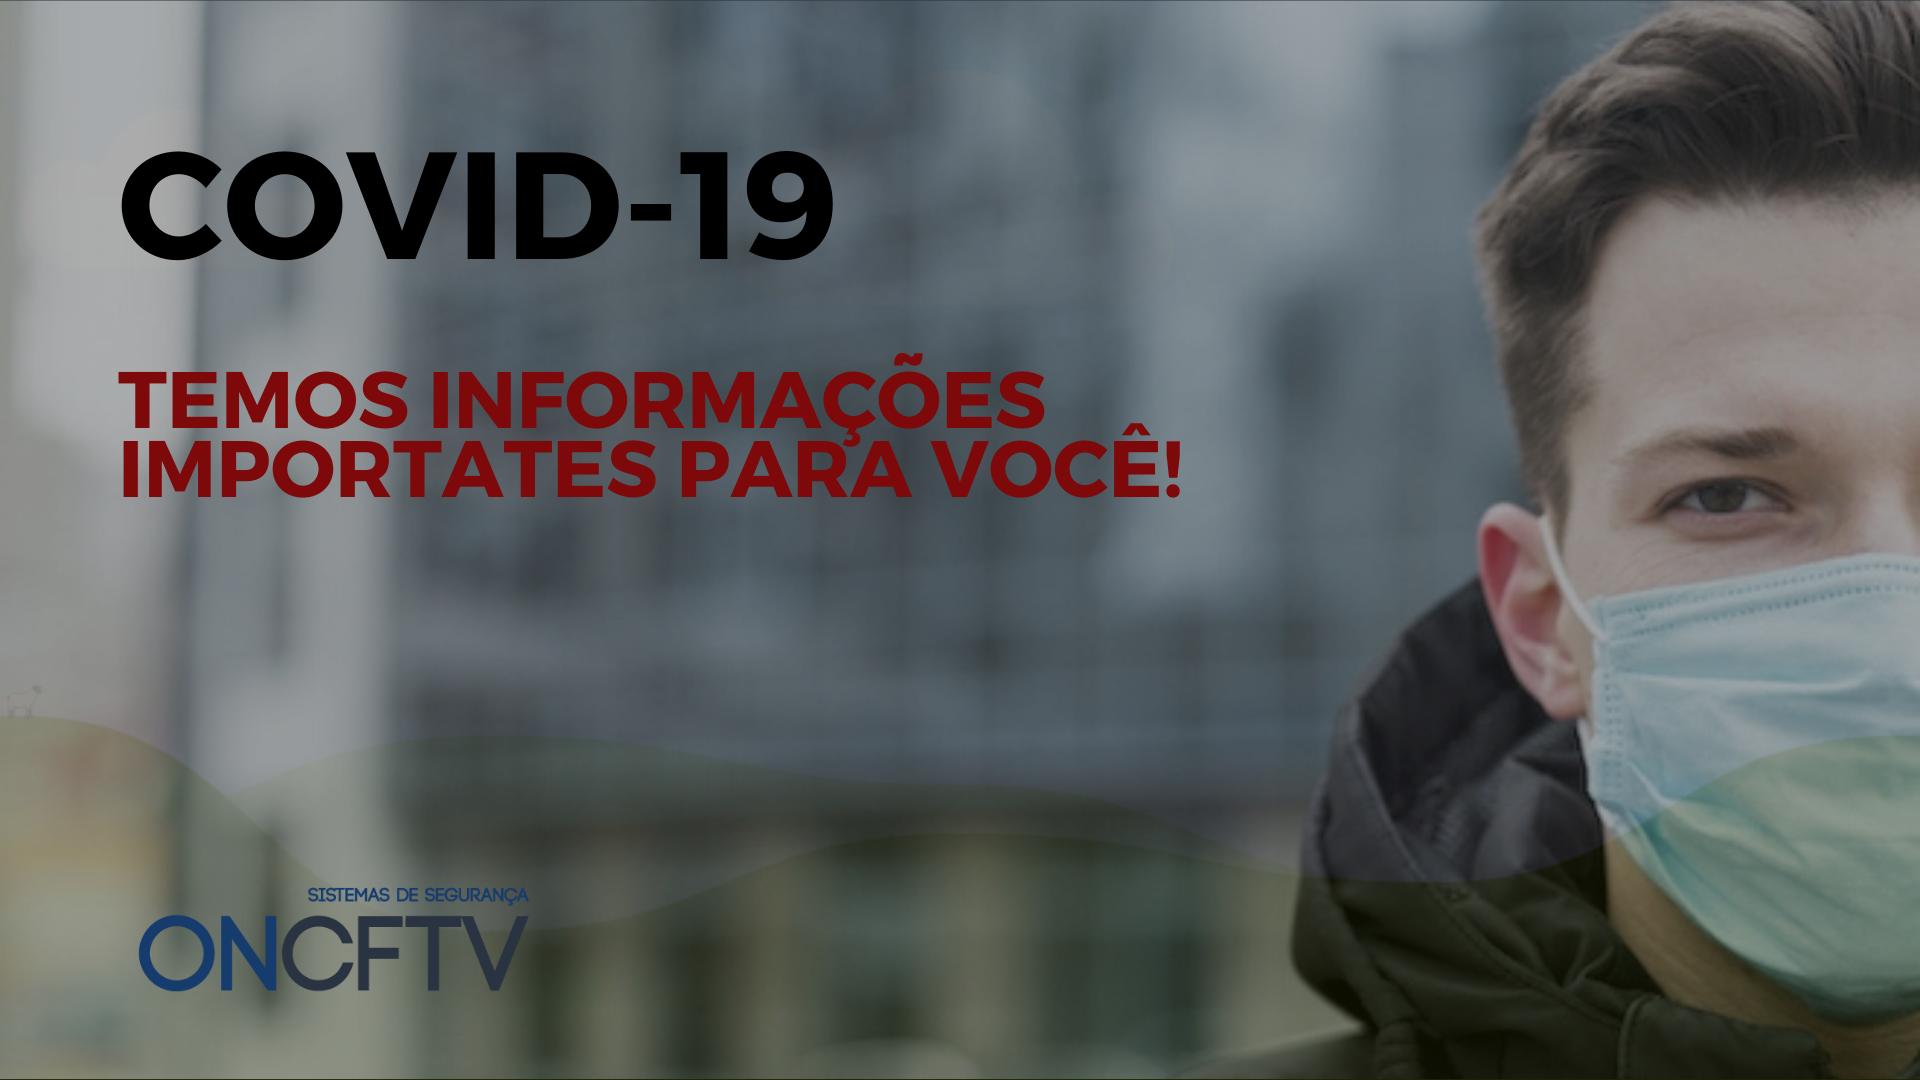 COVID-19 – TEMOS INFORMAÇÕES IMPORTANTES PARA VOCÊ.